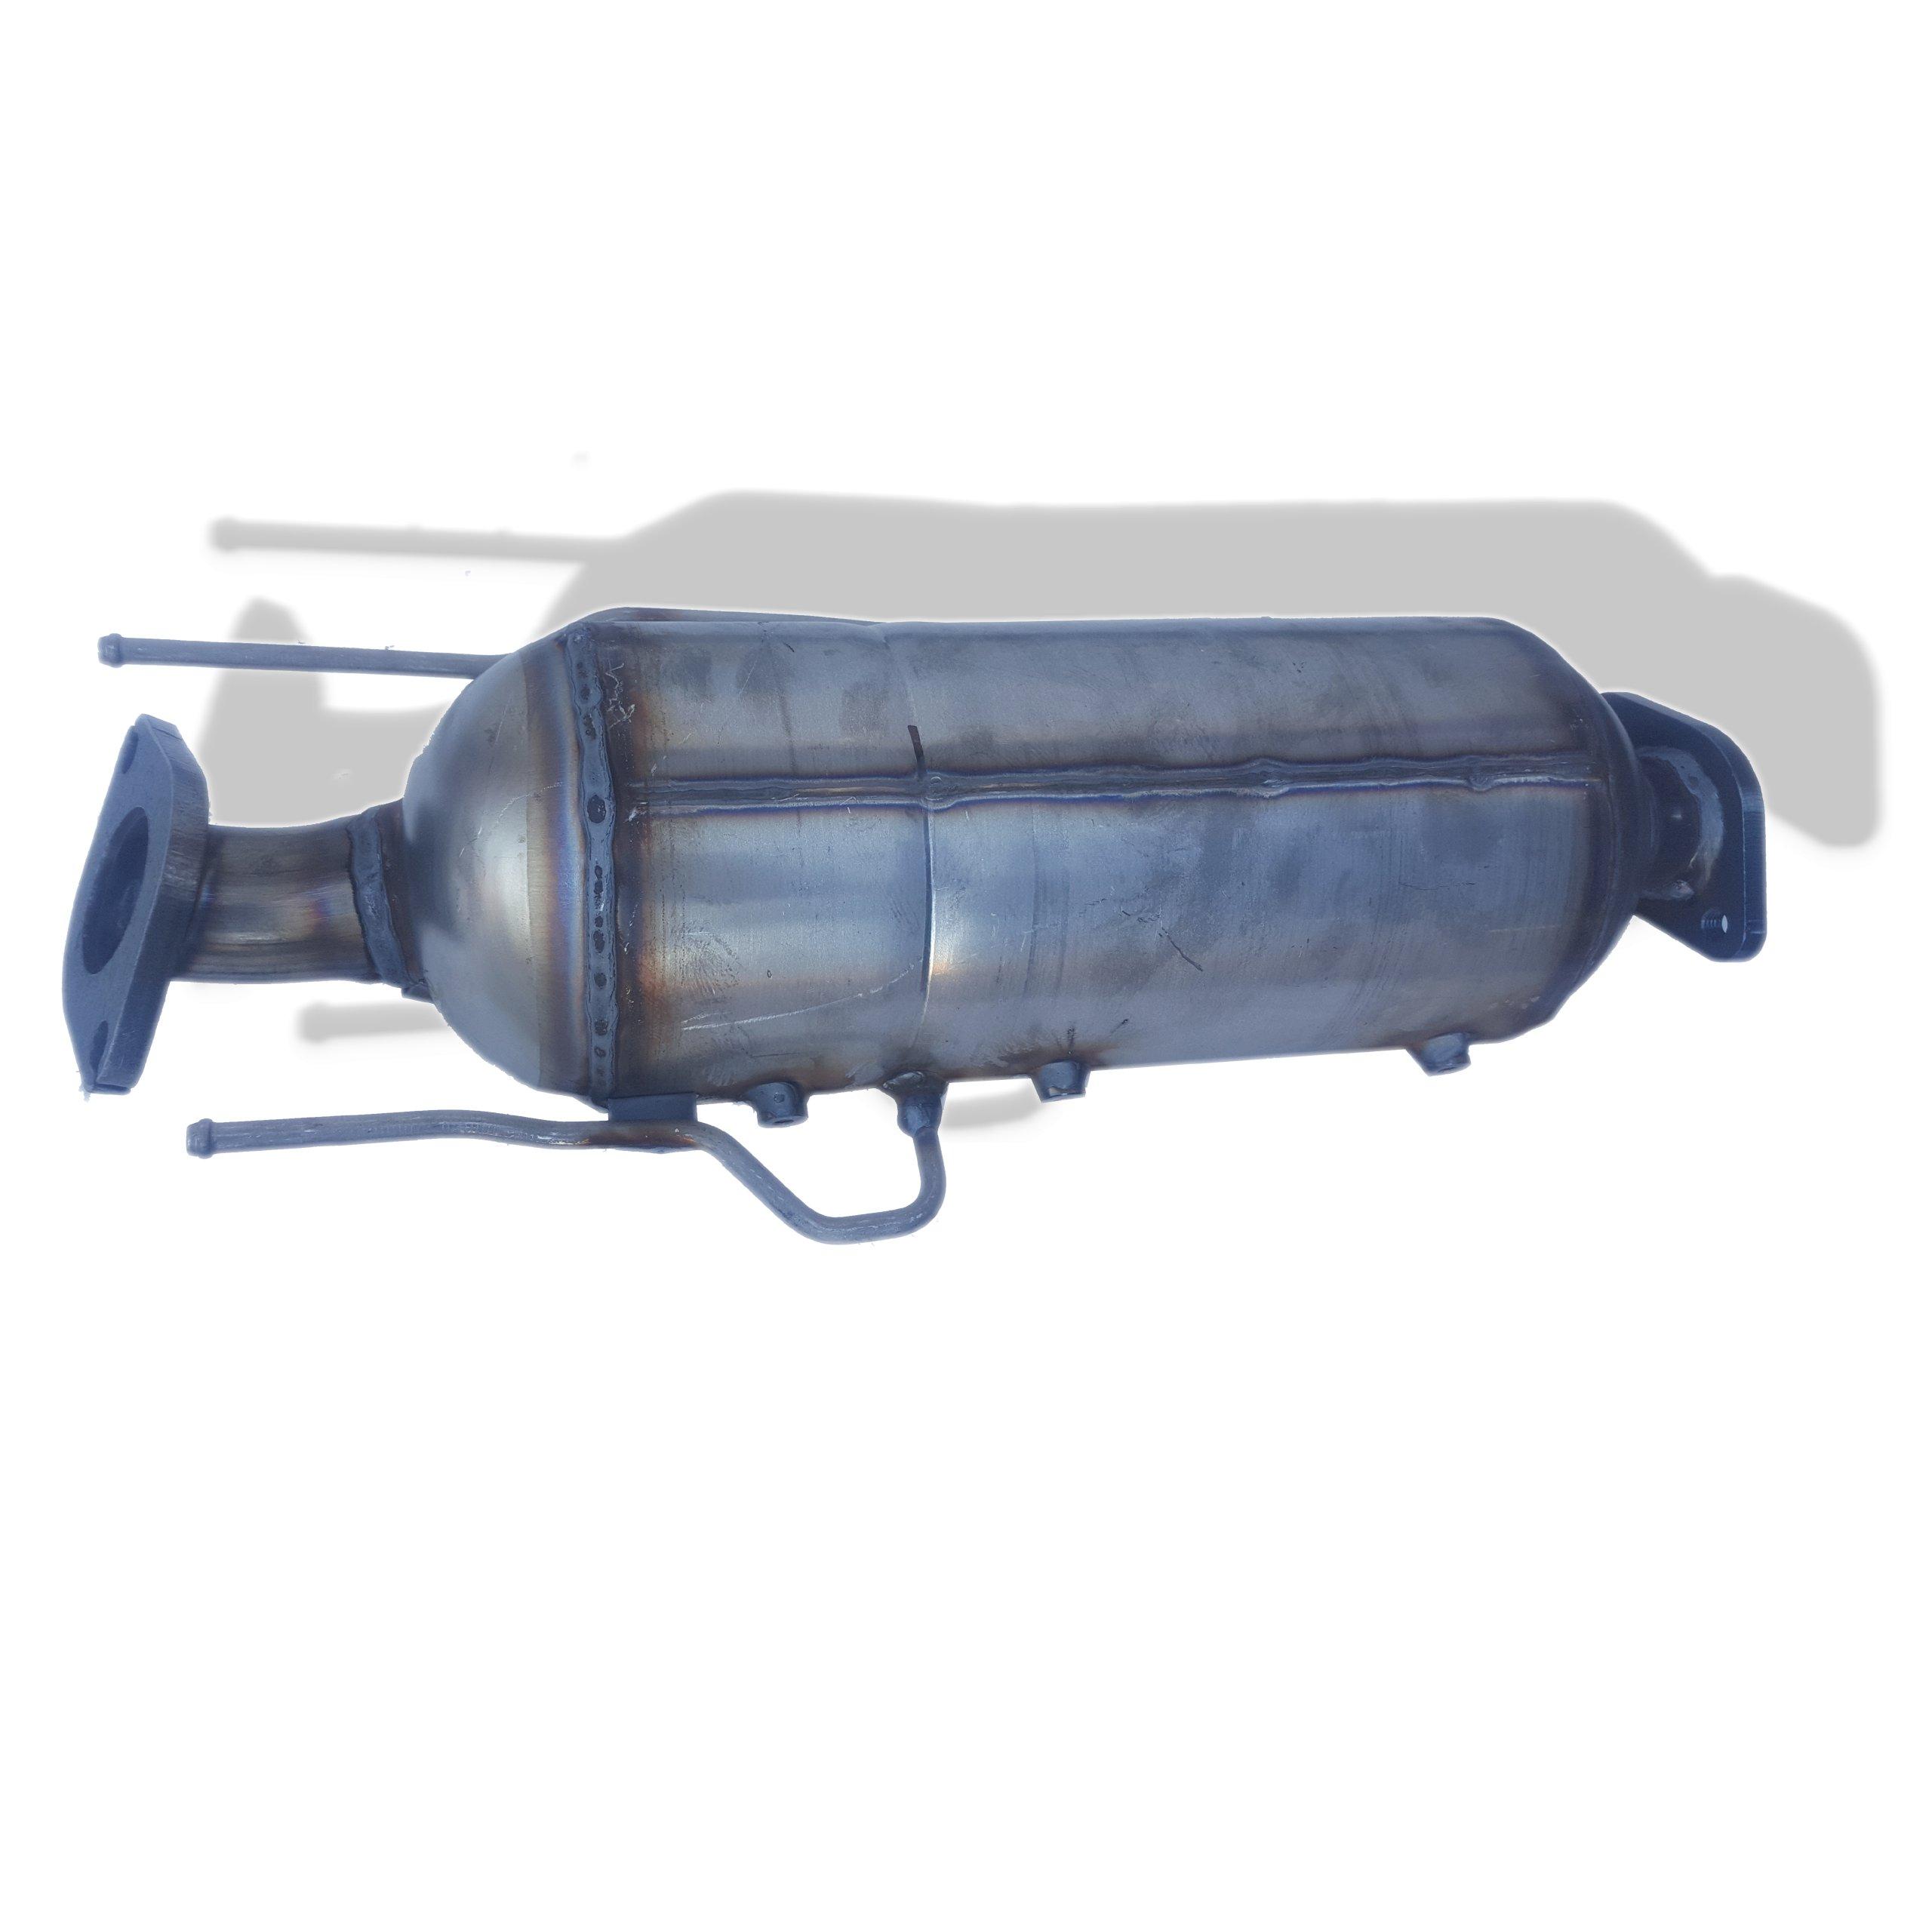 фильтр dpf fap kia ceed 1 6 crdi 2006-